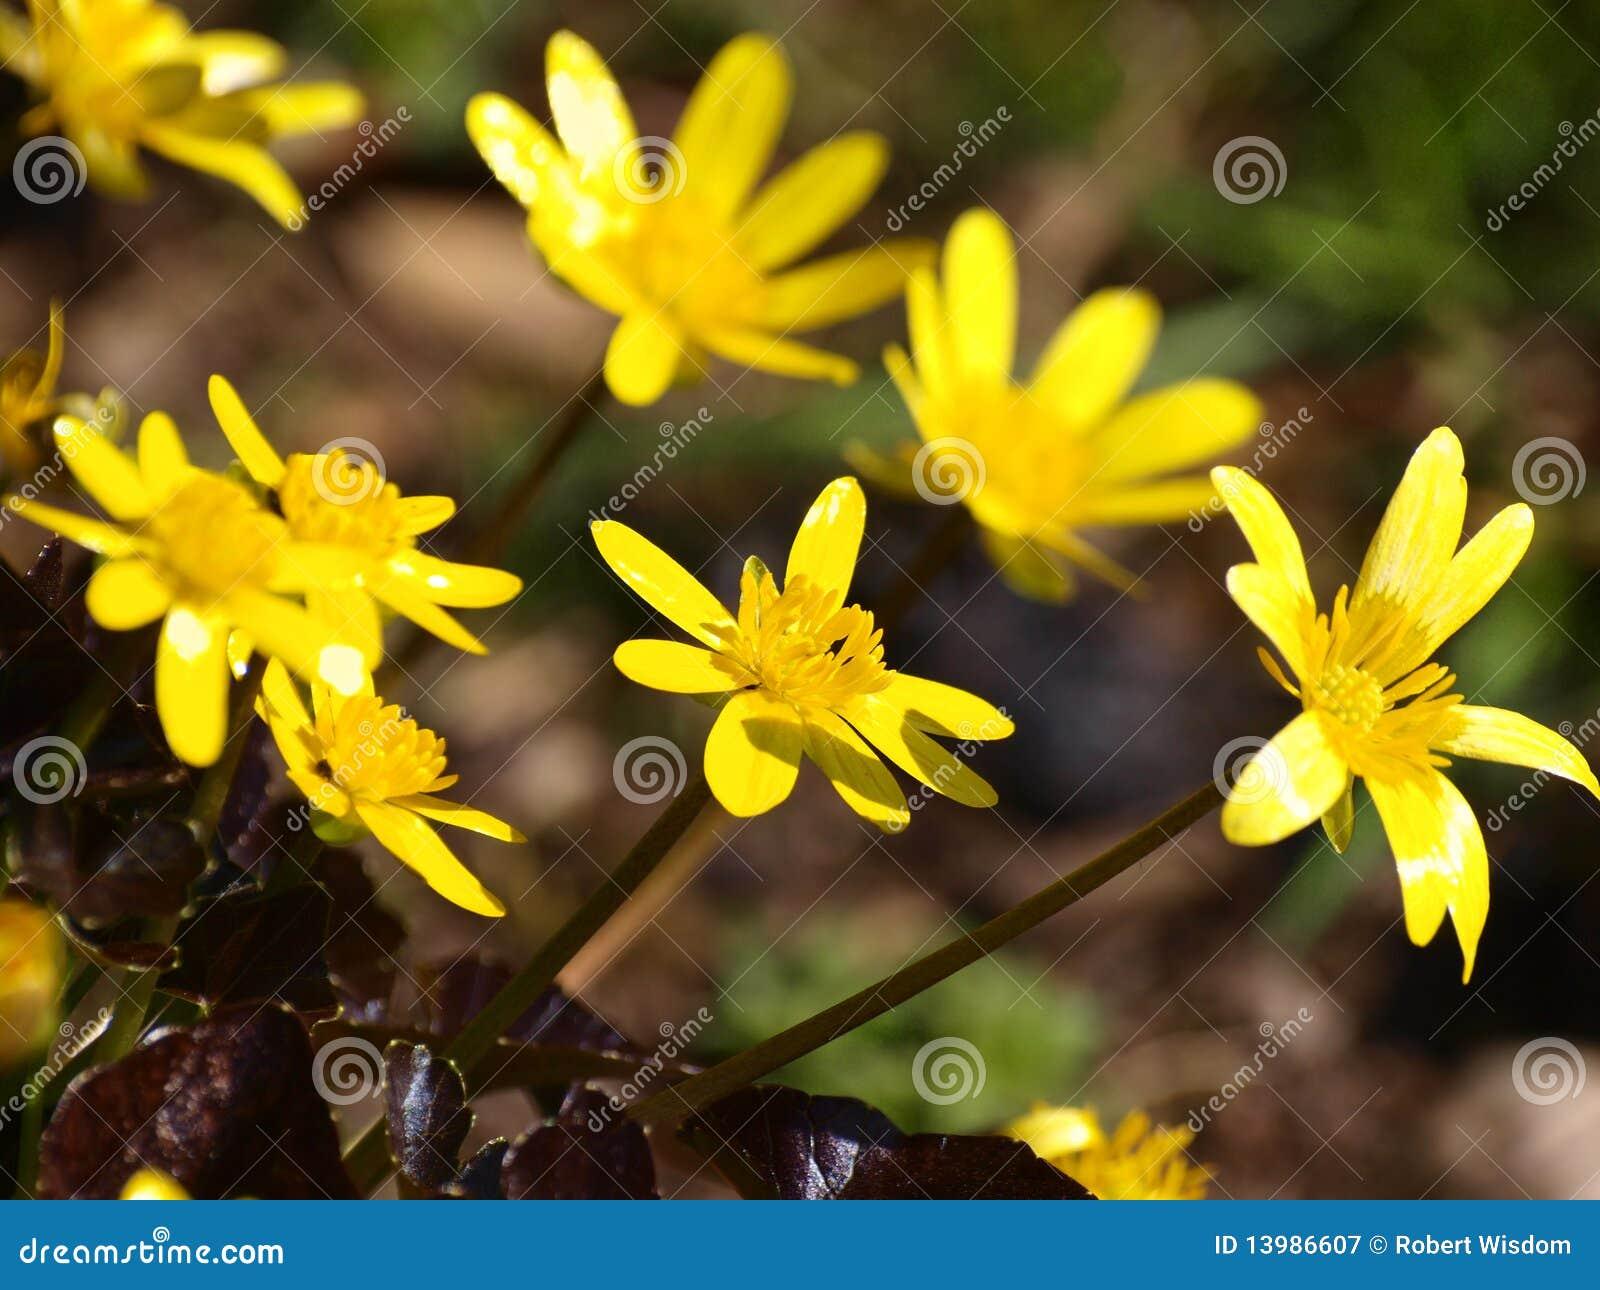 Blaue Blumen Im Fruhjahr Stockbild Bild Von Blau Vibrant 41703217